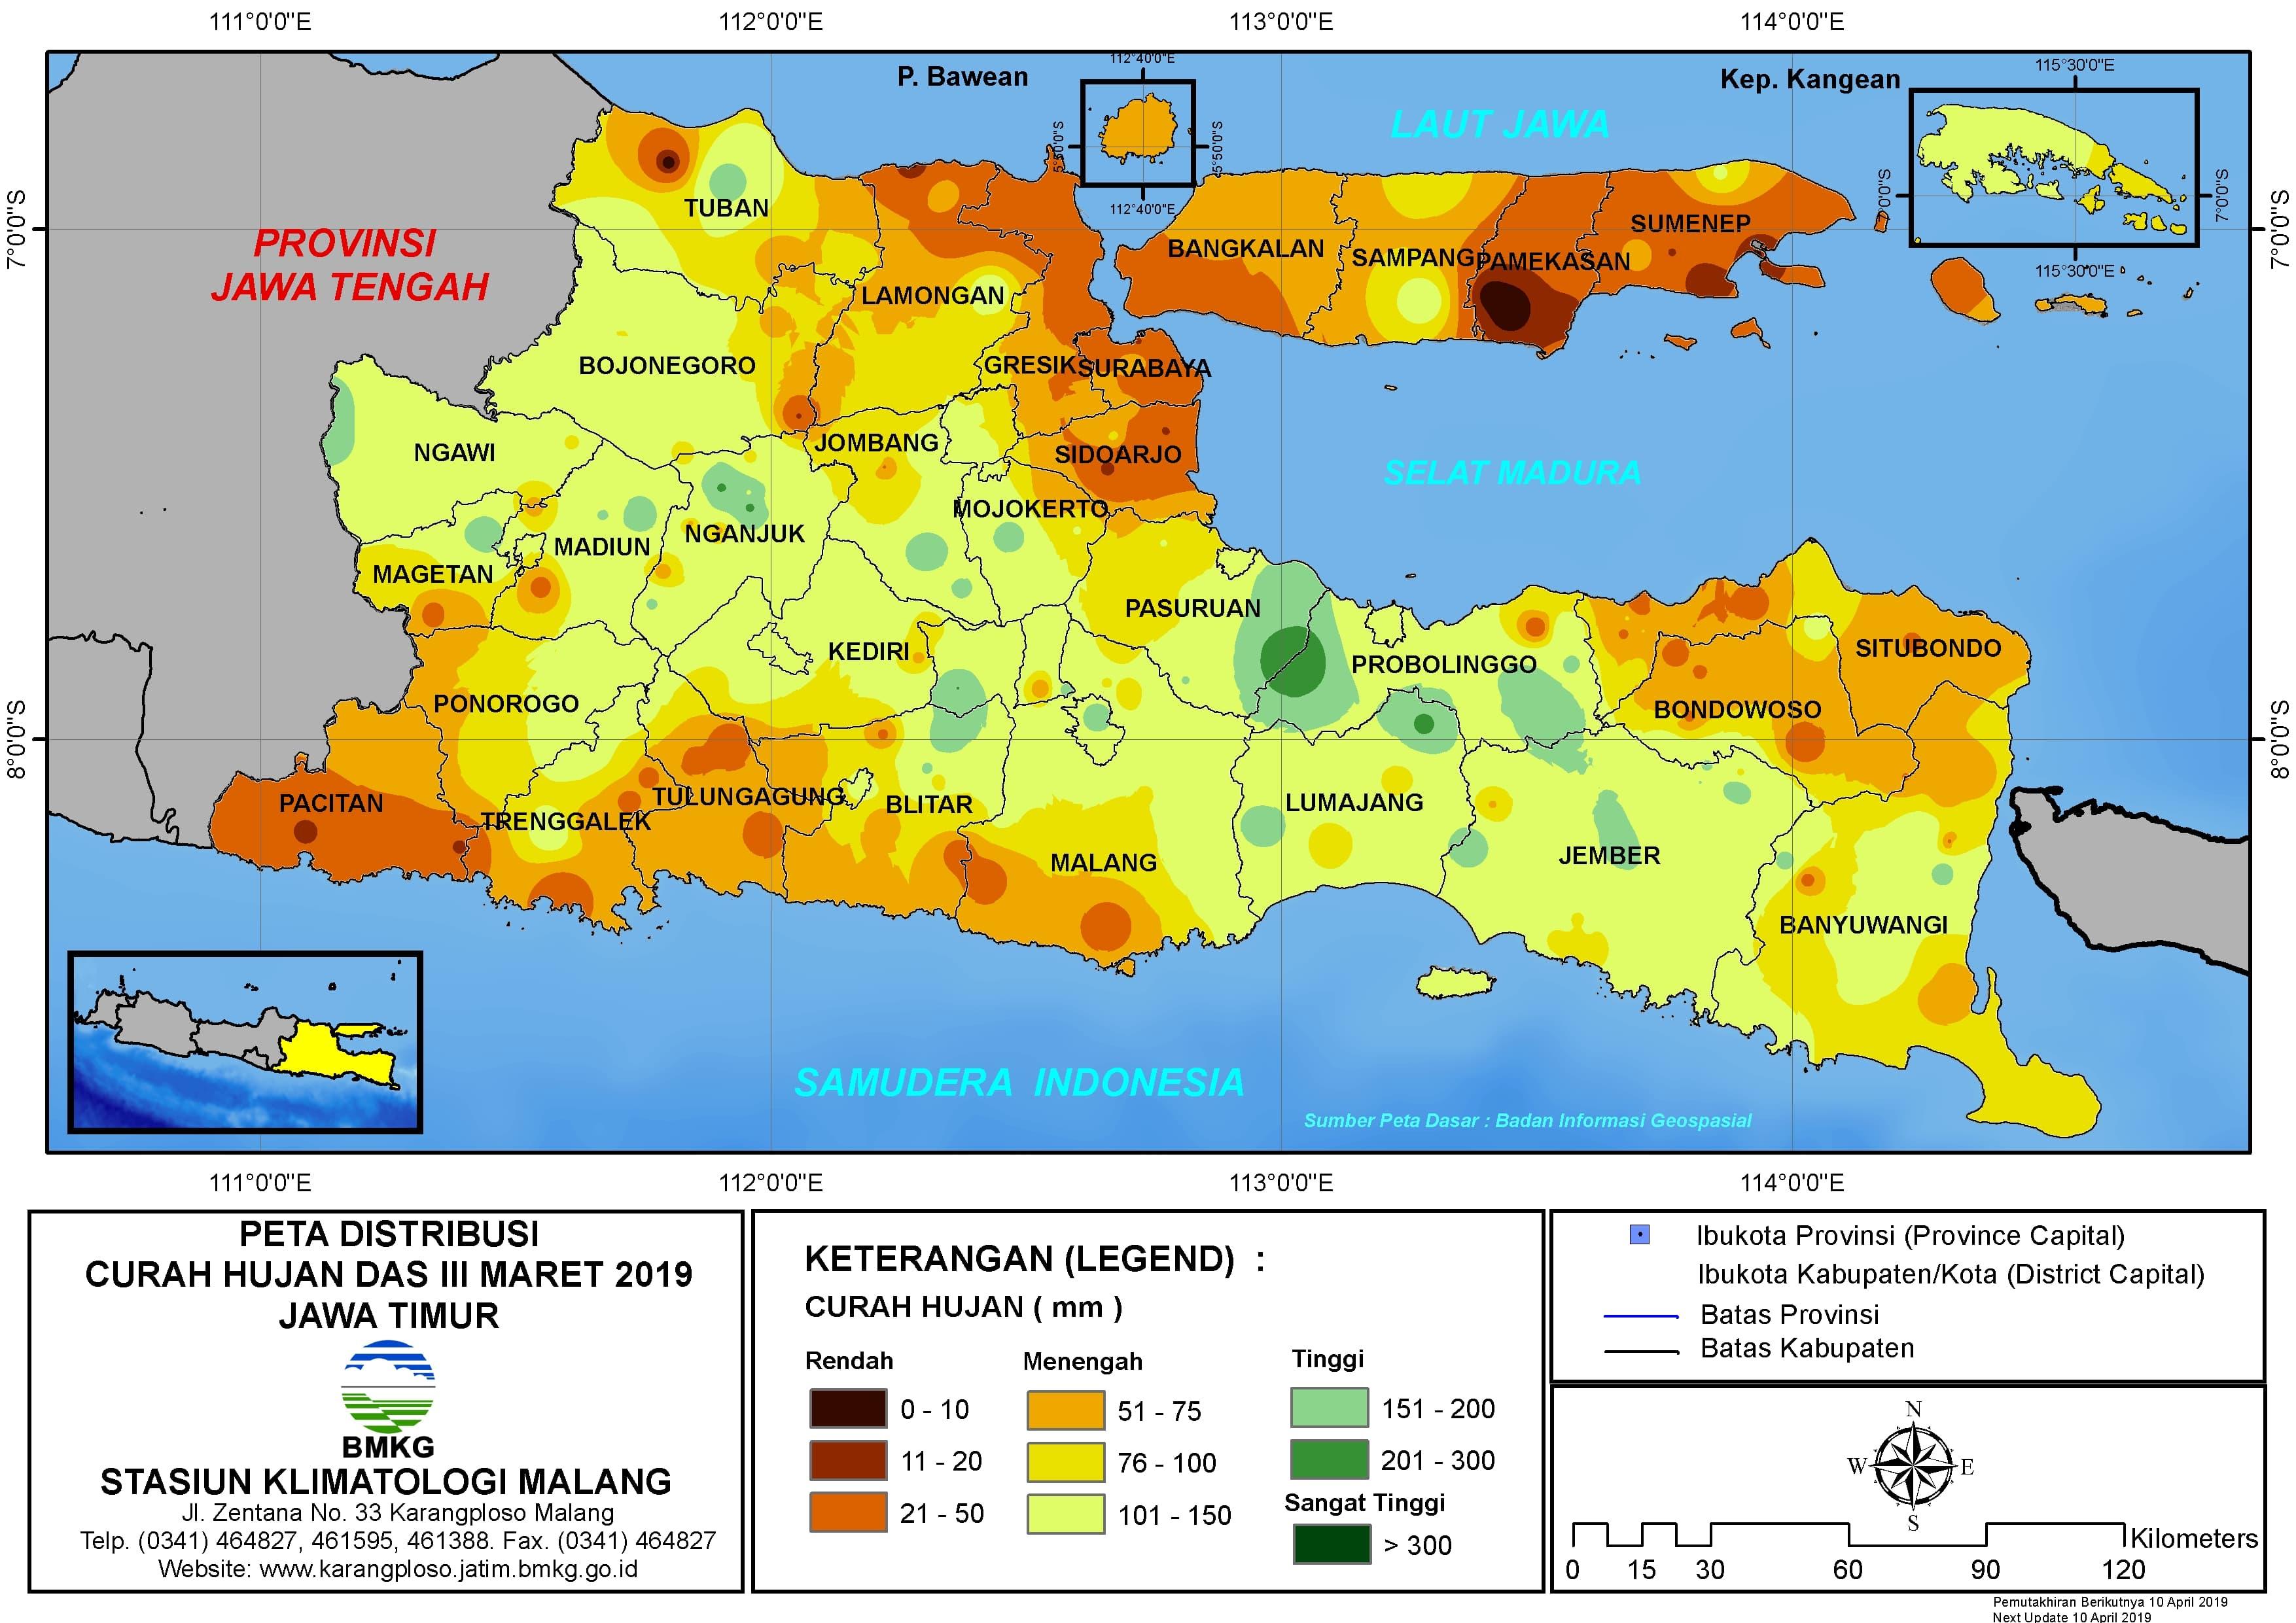 Peta Analisis Distribusi Curah Hujan Dasarian III Maret 2019 di Provinsi Jawa Timur